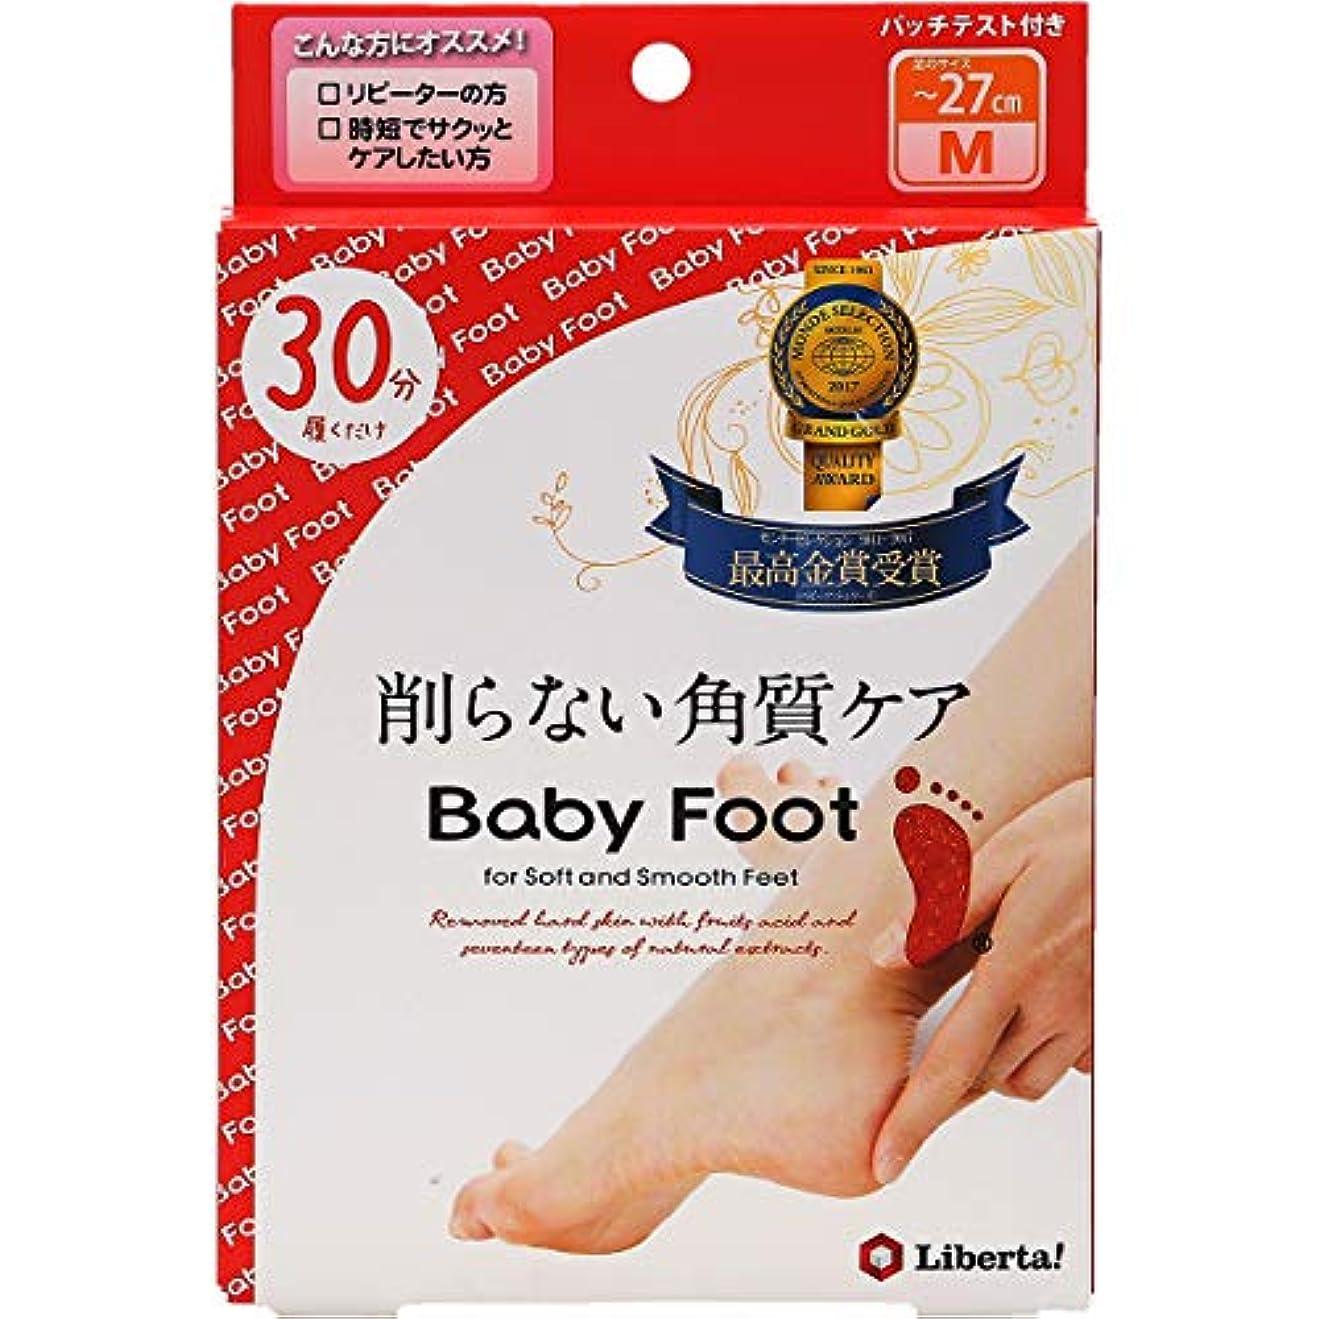 粒難民先のことを考えるベビーフット (Baby Foot) ベビーフット イージーパック30分タイプ Mサイズ 単品